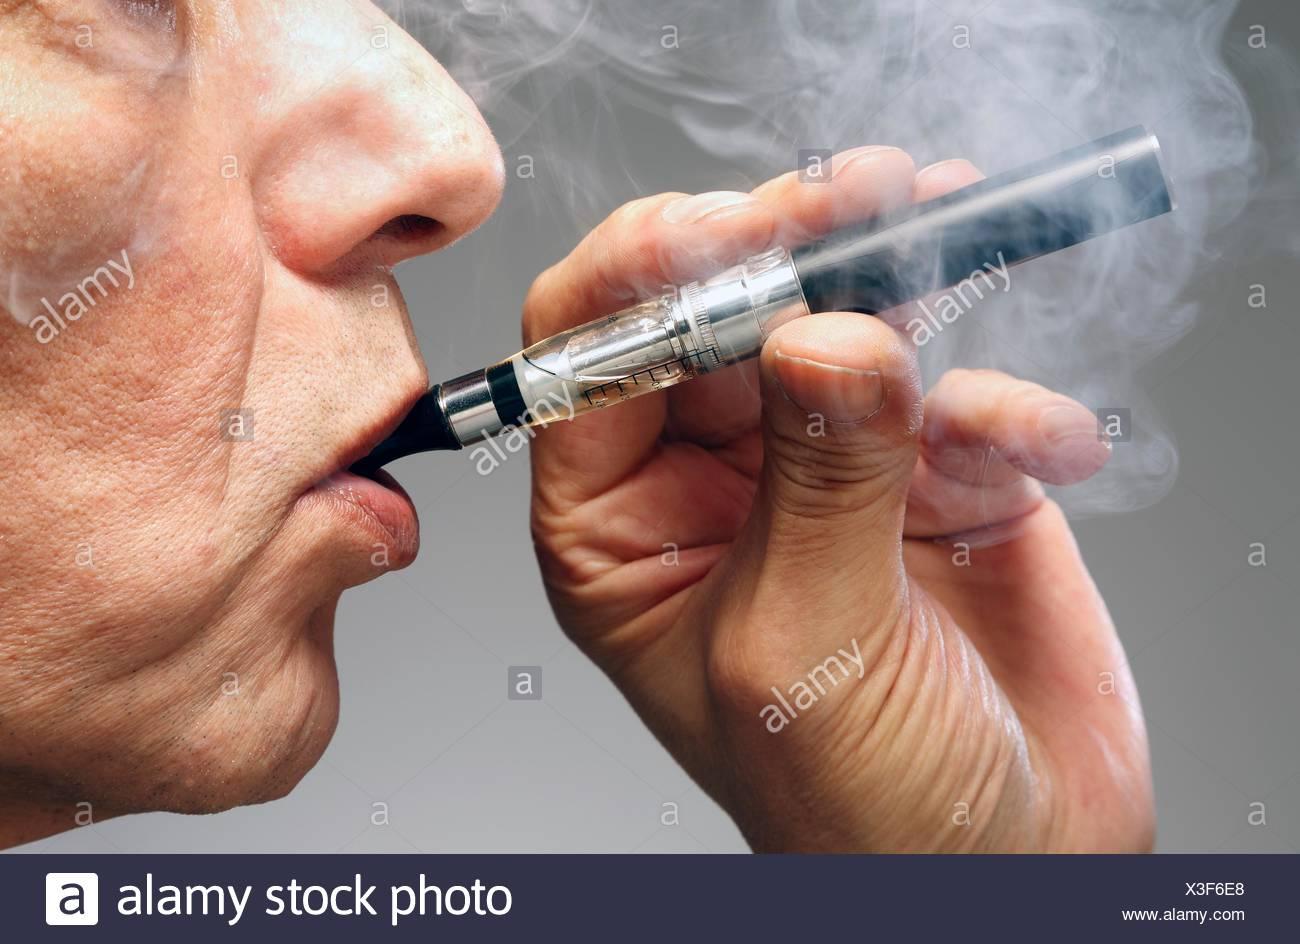 MODEL RELEASED. Person smoking e cigarette. - Stock Image